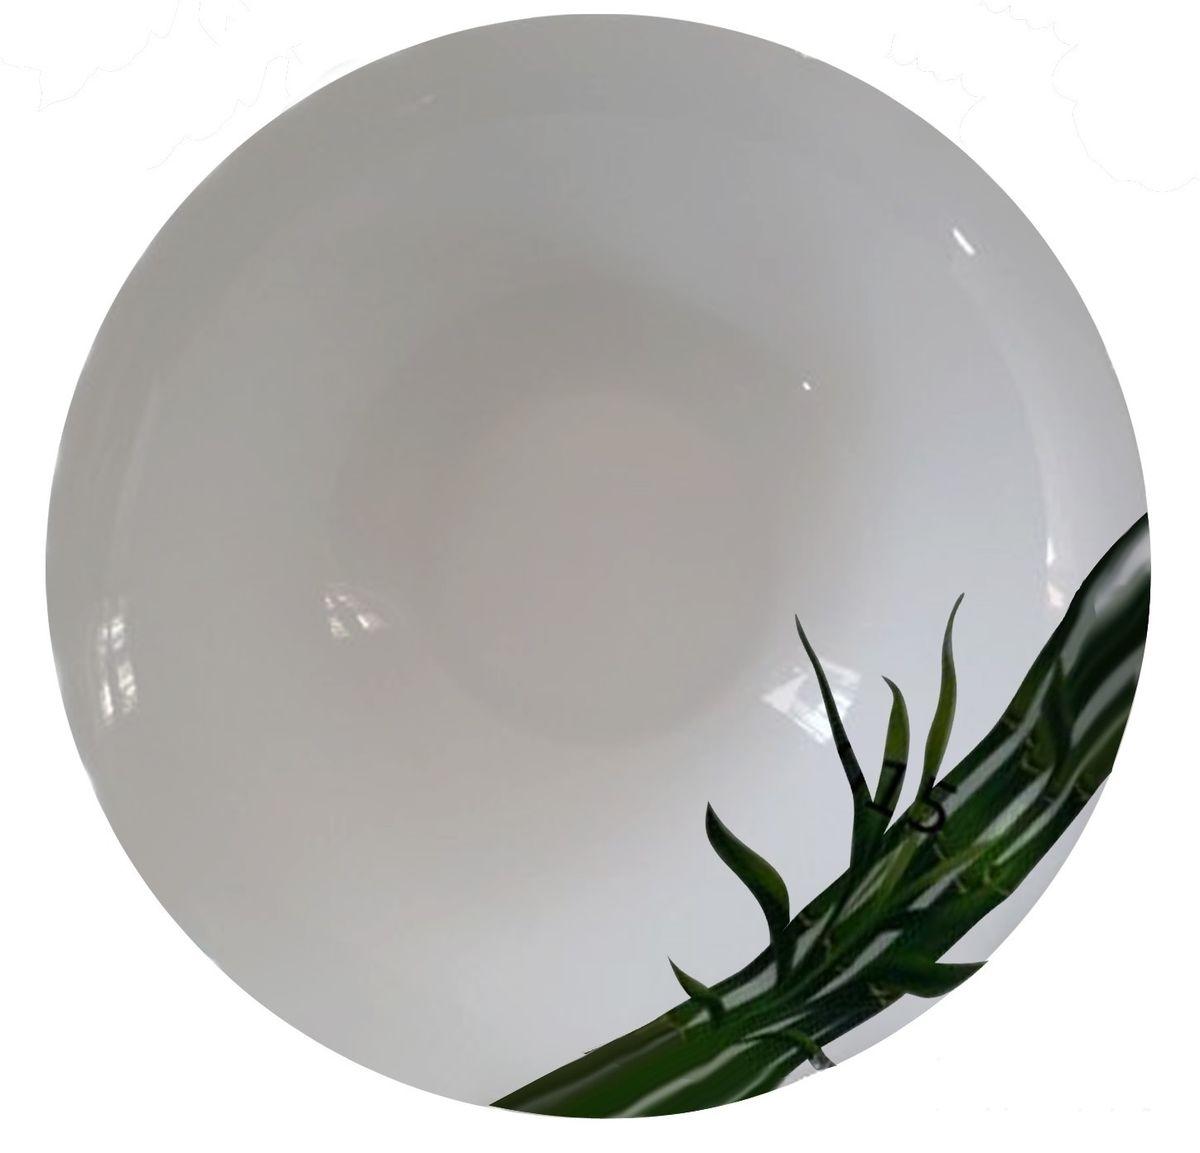 Салатник МФК-профит Бамбук, цвет: белый, зеленый, 950 мл391602Салатник МФК-профит Бамбук изготовлен из керамики. Внутренние стенки оформлены красивым узором. Такой салатник прекрасно подойдет как для торжественных случаев, так и для повседневного использования. Идеален для салатов, закусок, соусов. Можно использовать в посудомоечной машине и СВЧ.